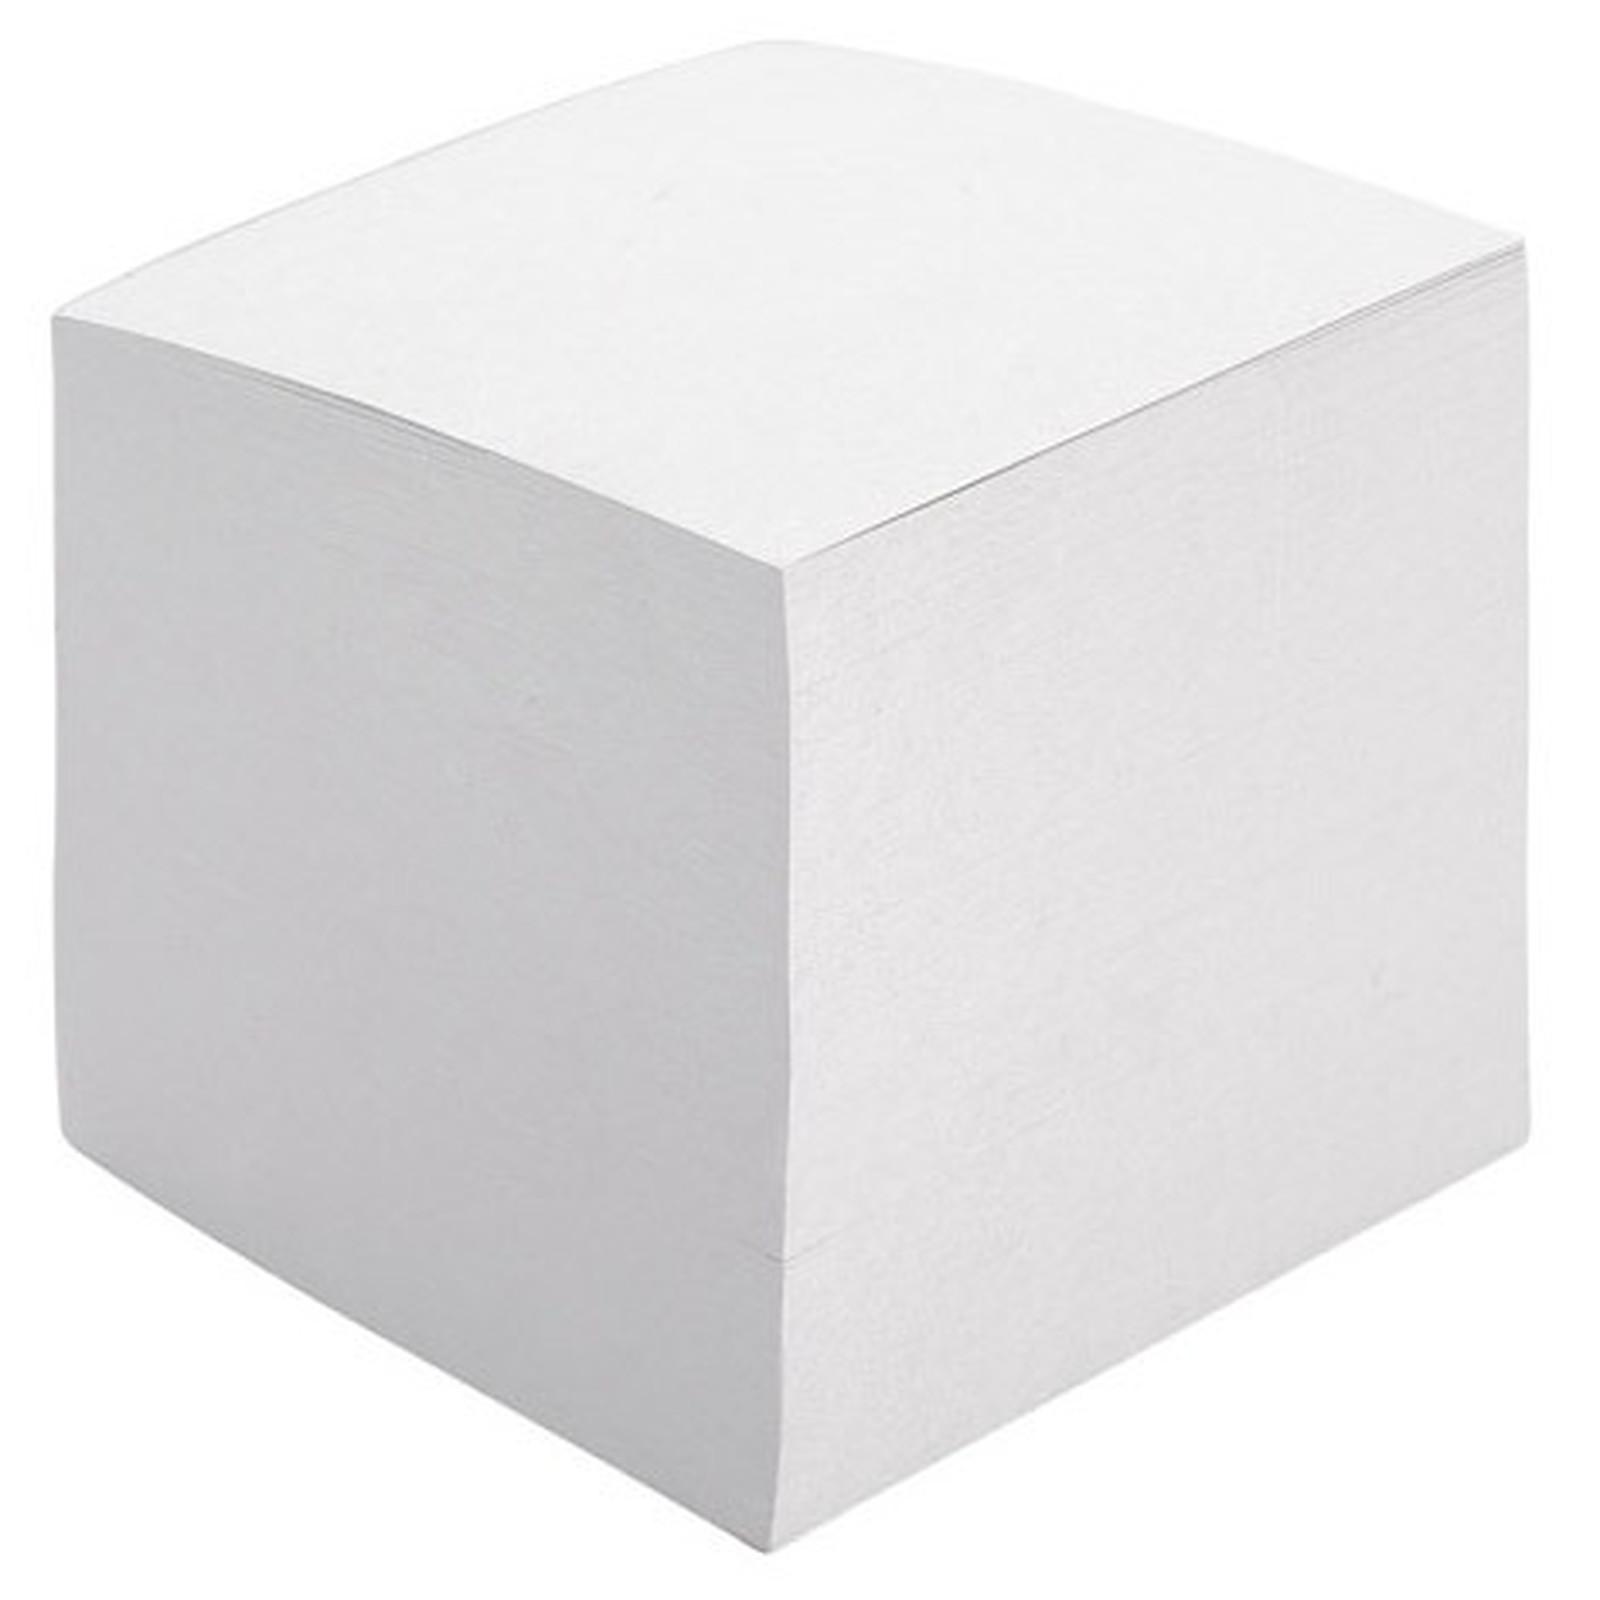 Bloc cube complet avec recharge 9 x 9 cm